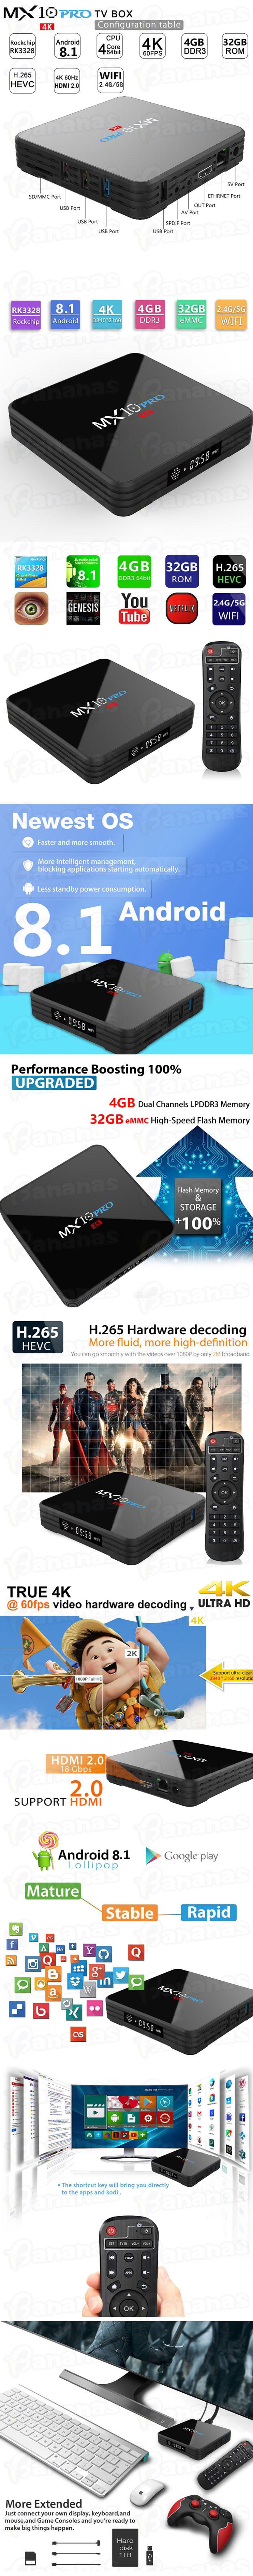 MX10 PRO Android 8 1 4K UHD TV Box - Quad Core 4GB Ram 32GB Storage WiFi  USB 3 0